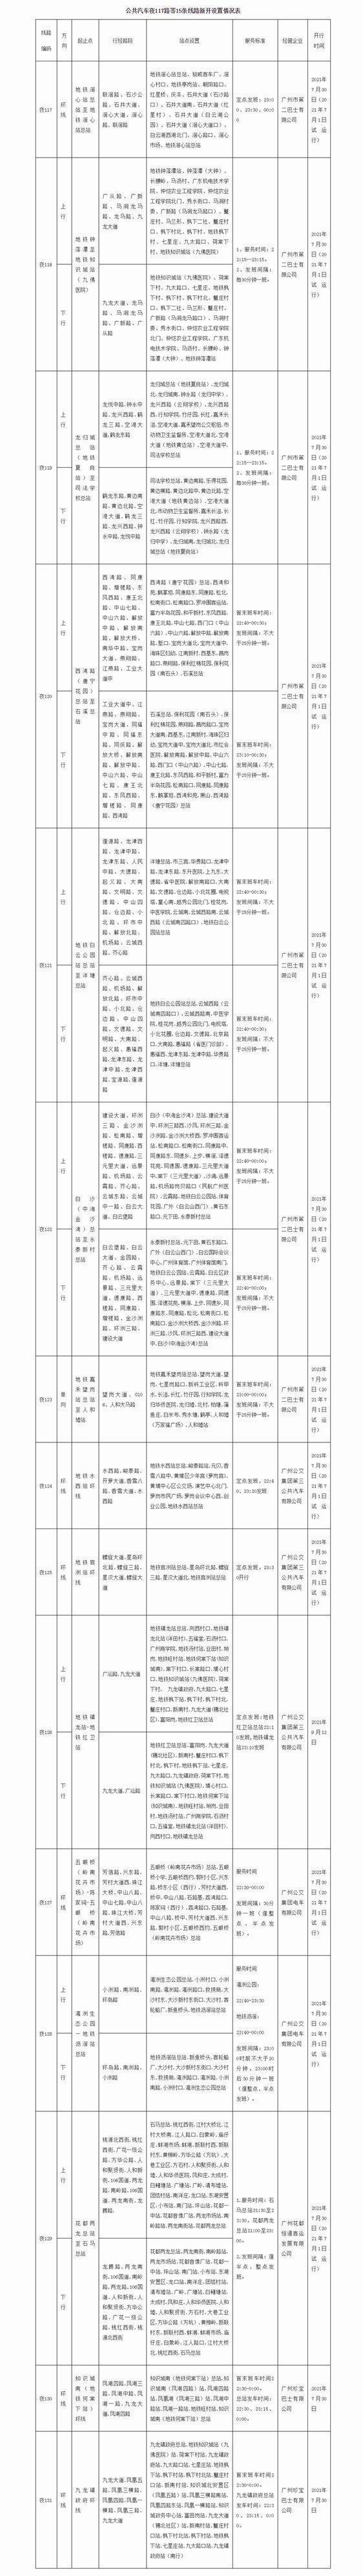 广州为进一步提升夜间公交服务水平 开行14条夜班线路